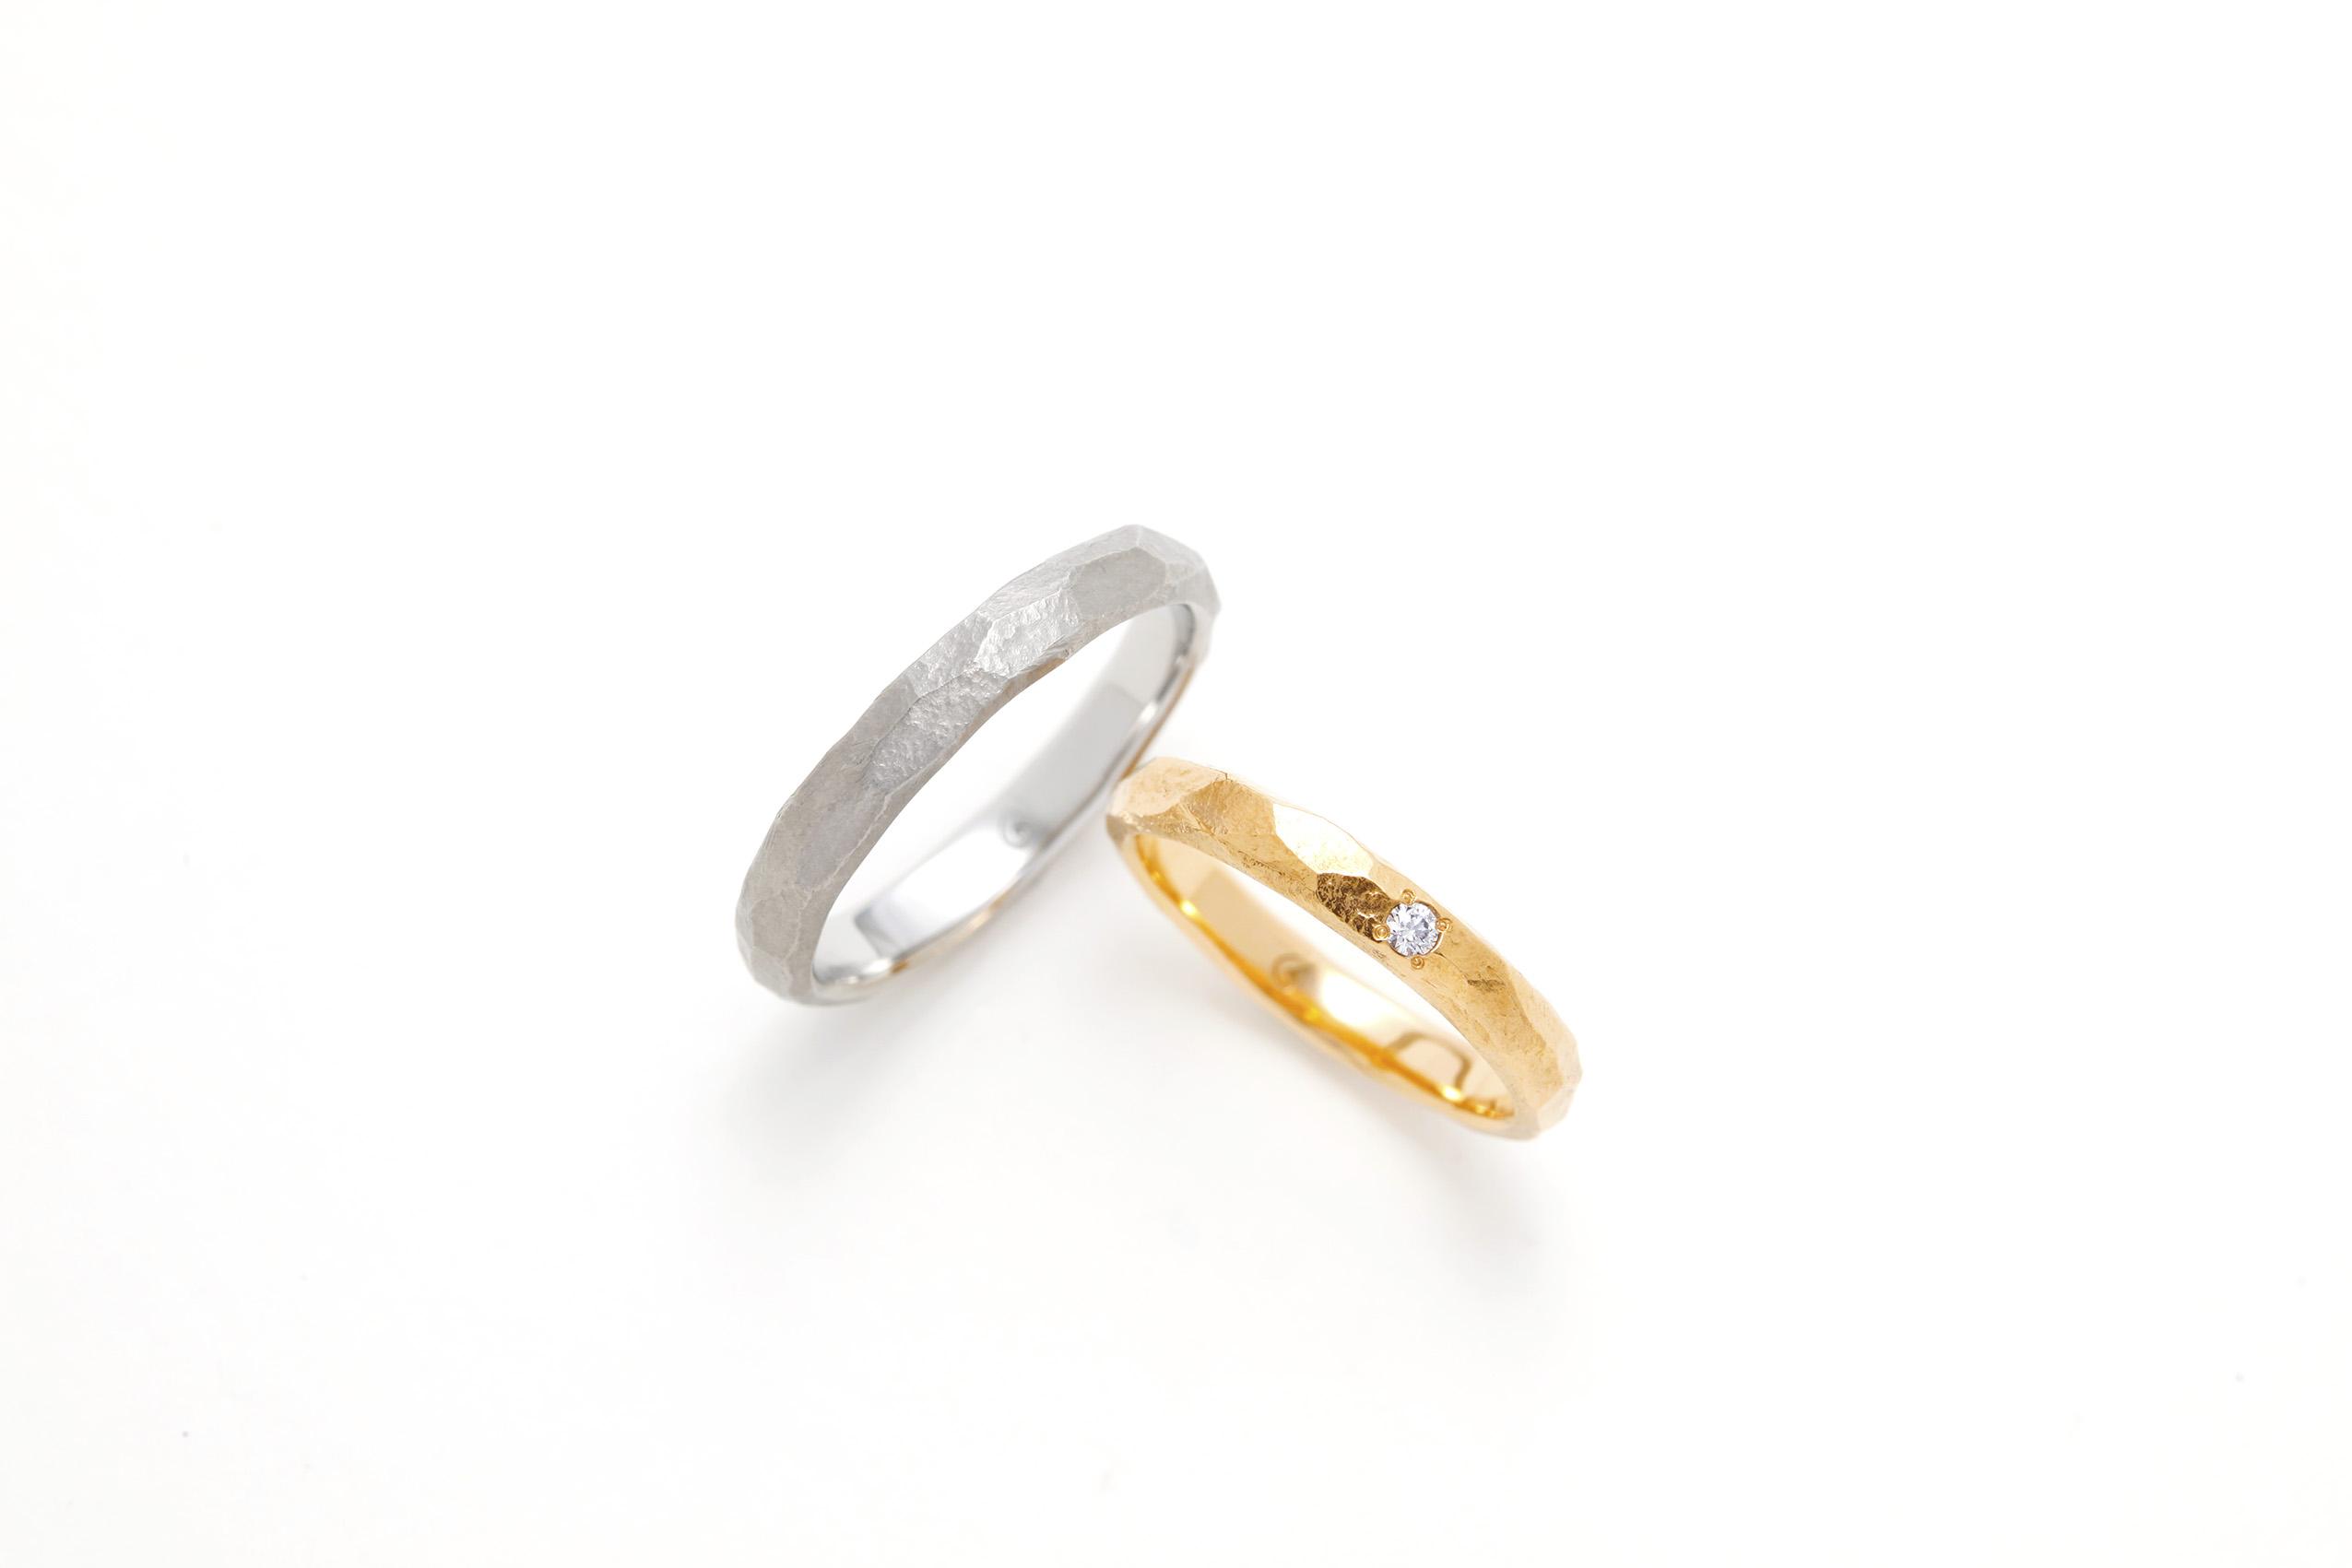 SORAの槌目の結婚指輪「ウル」